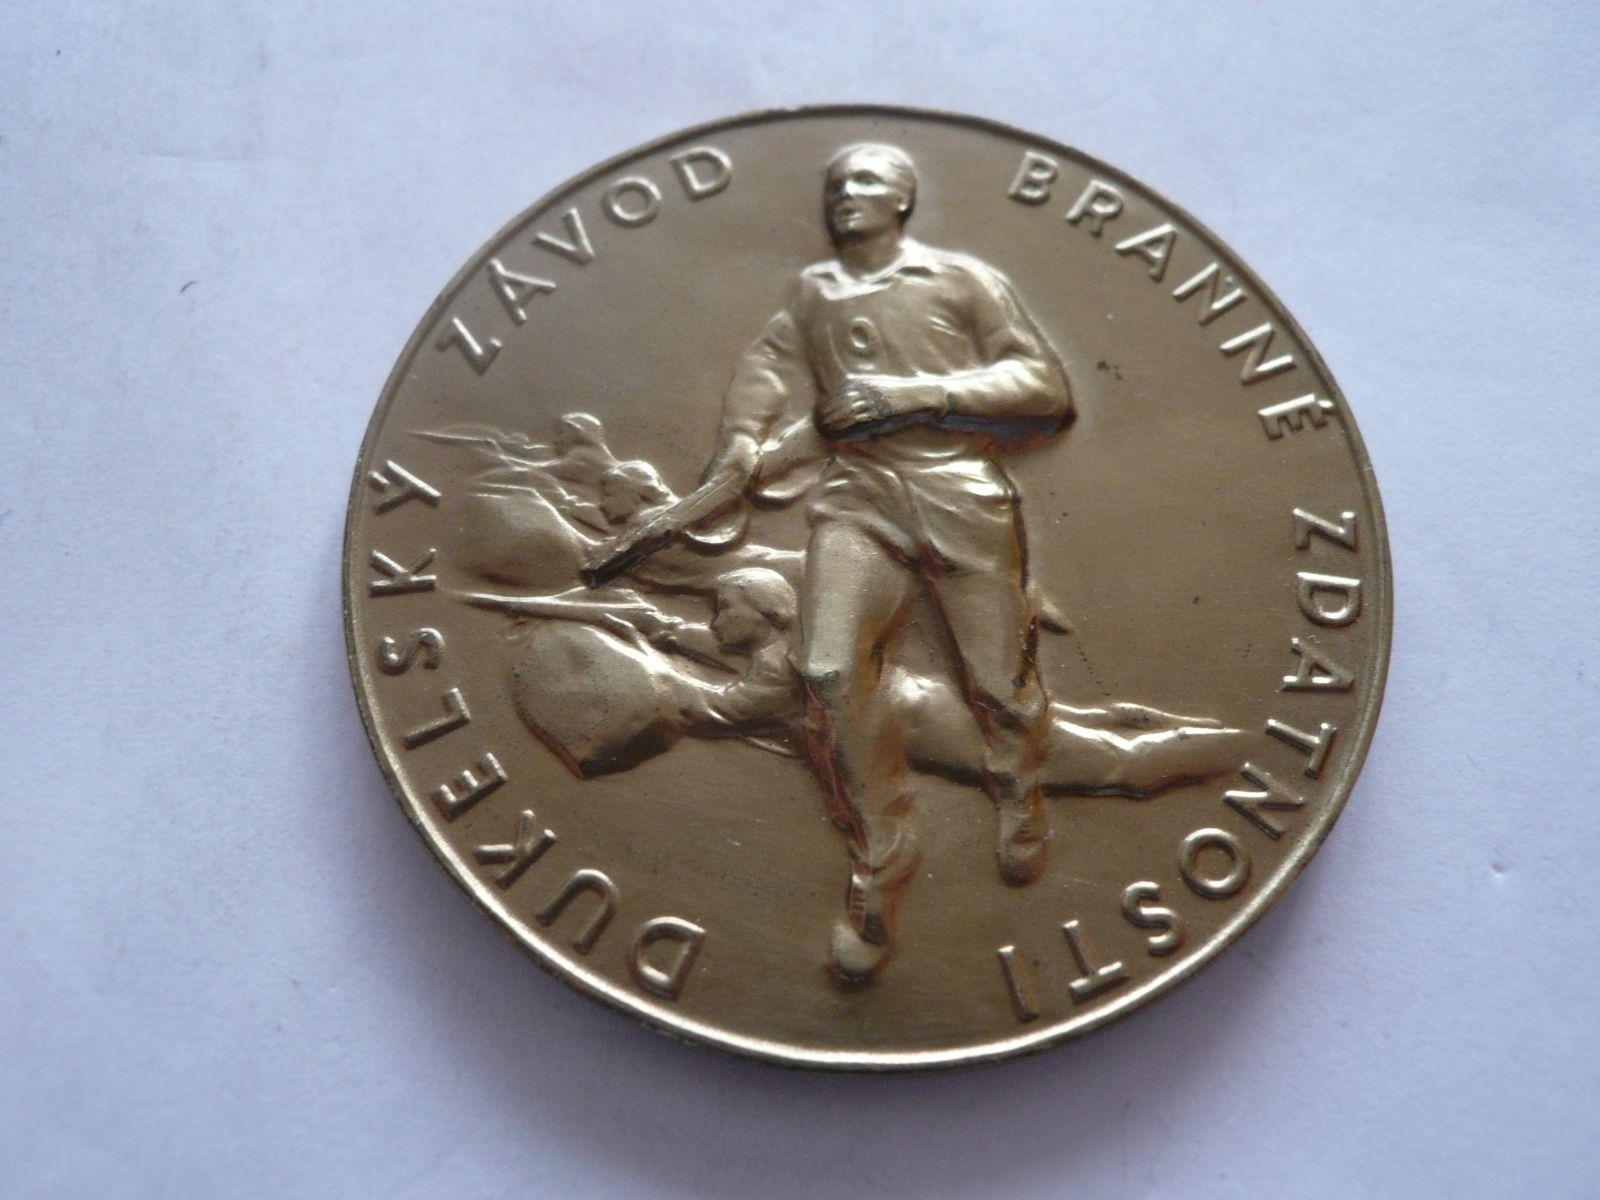 Dukelský závod branné zdatnosti, 1962, ČSR